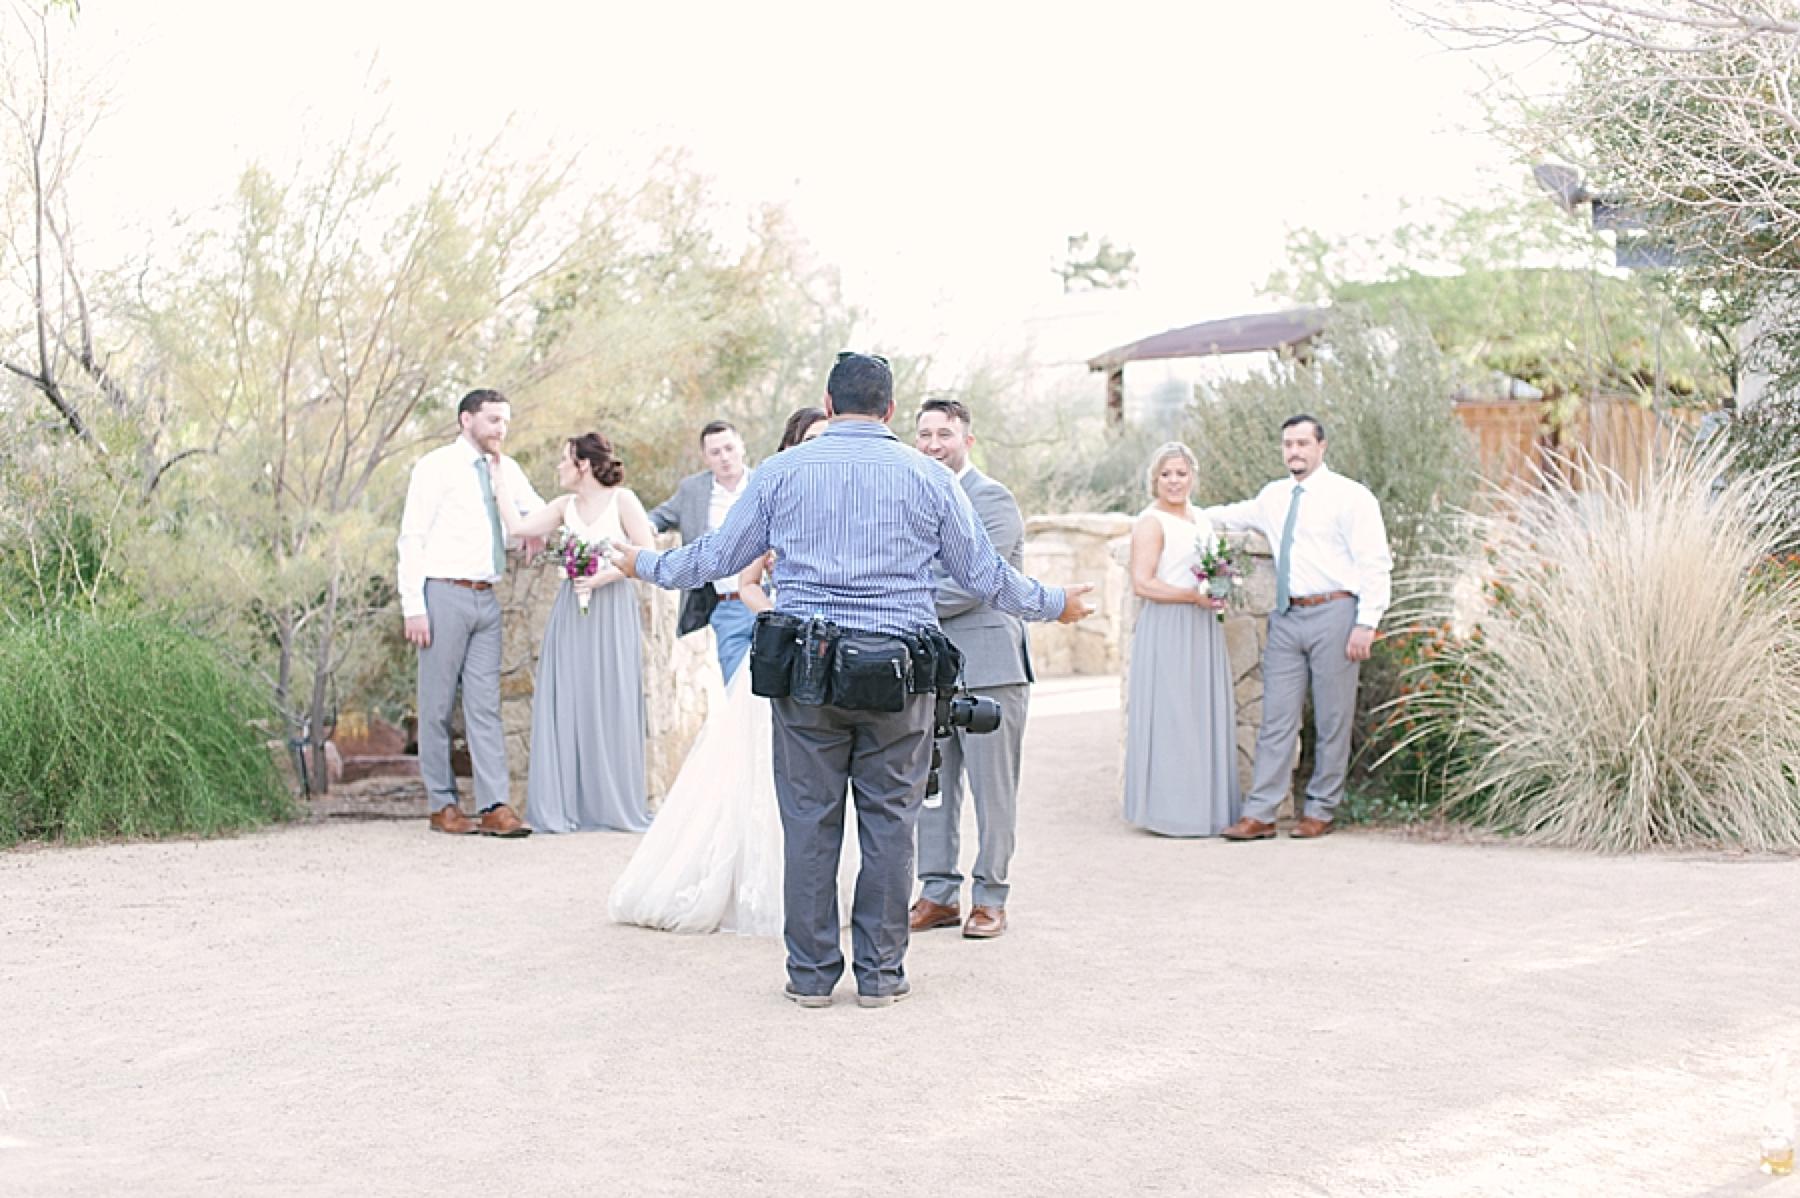 las_vegas_wedding_photographers_behind_the_scenes-10.jpg